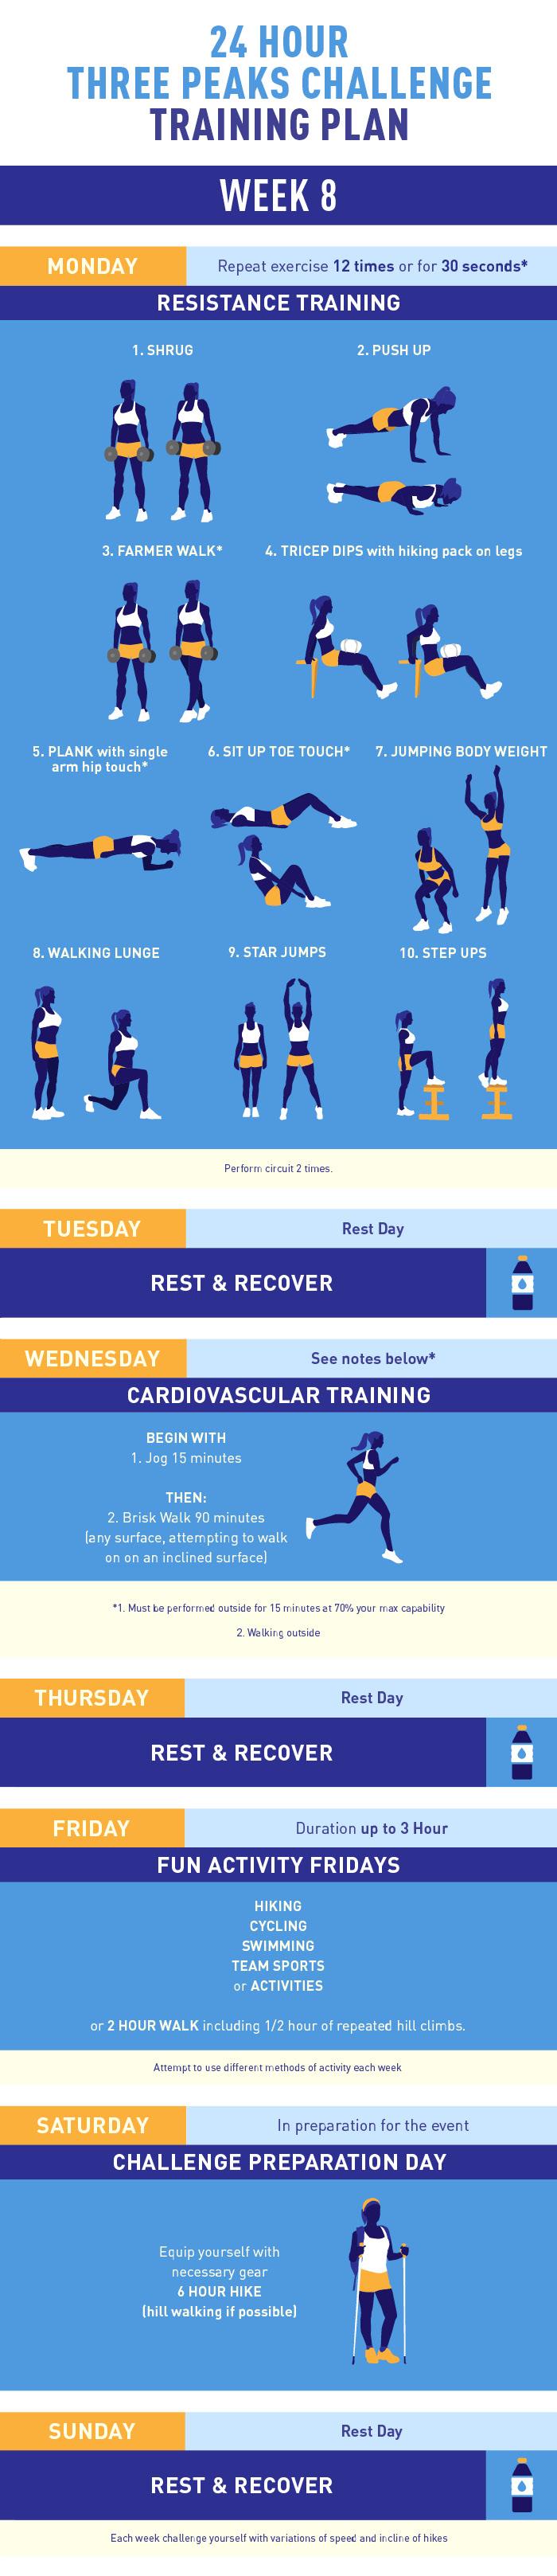 Three Peaks Challenge training plan week 8